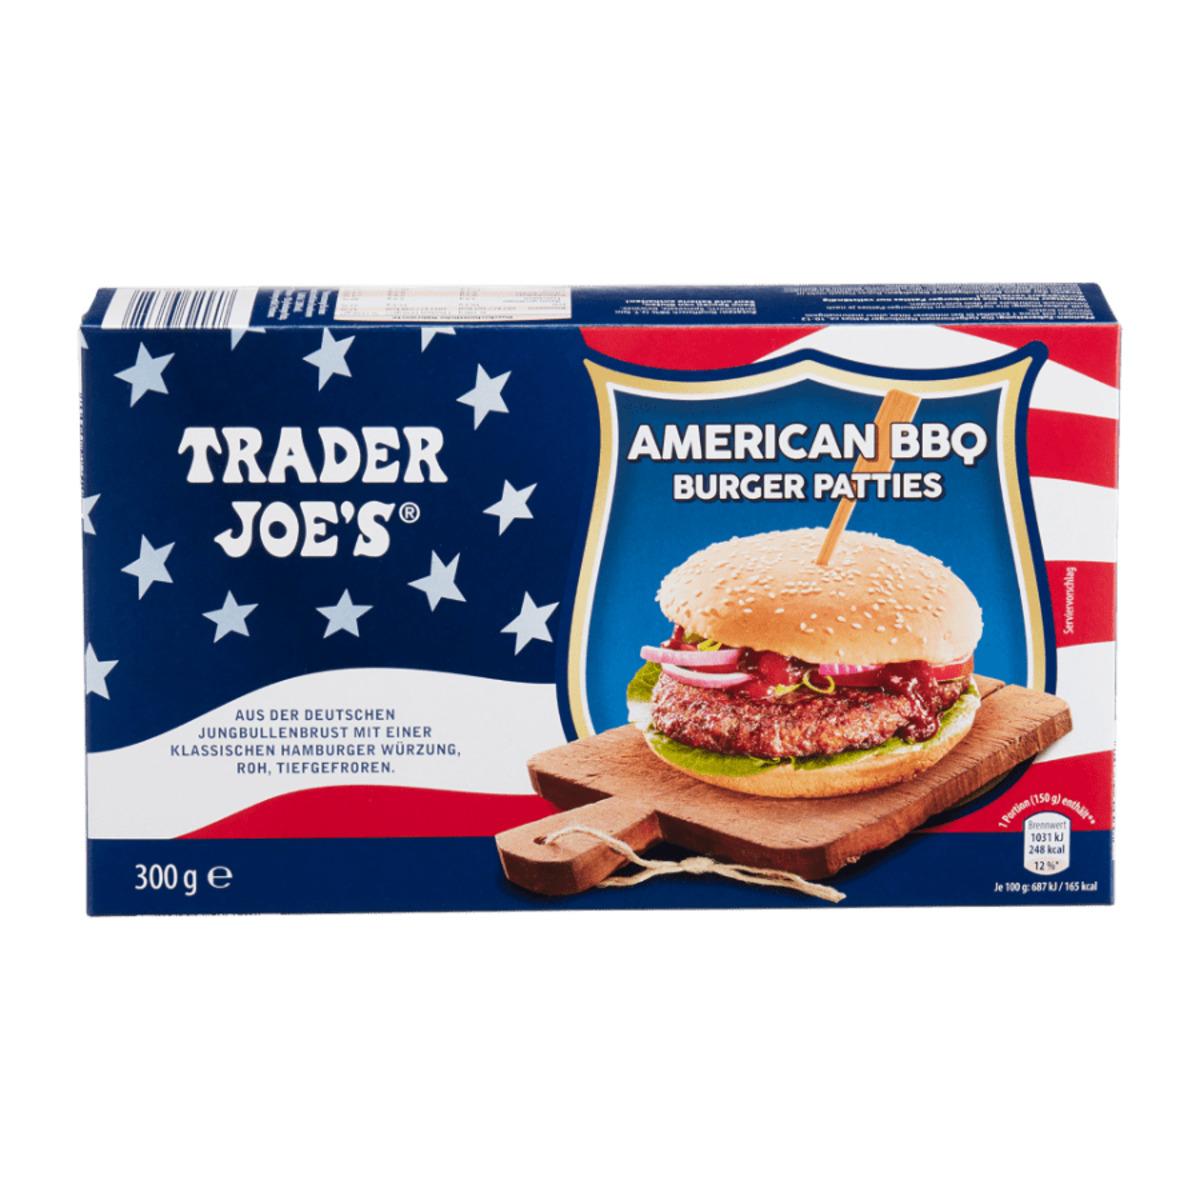 Bild 3 von TRADER JOE'S     Burger Patties